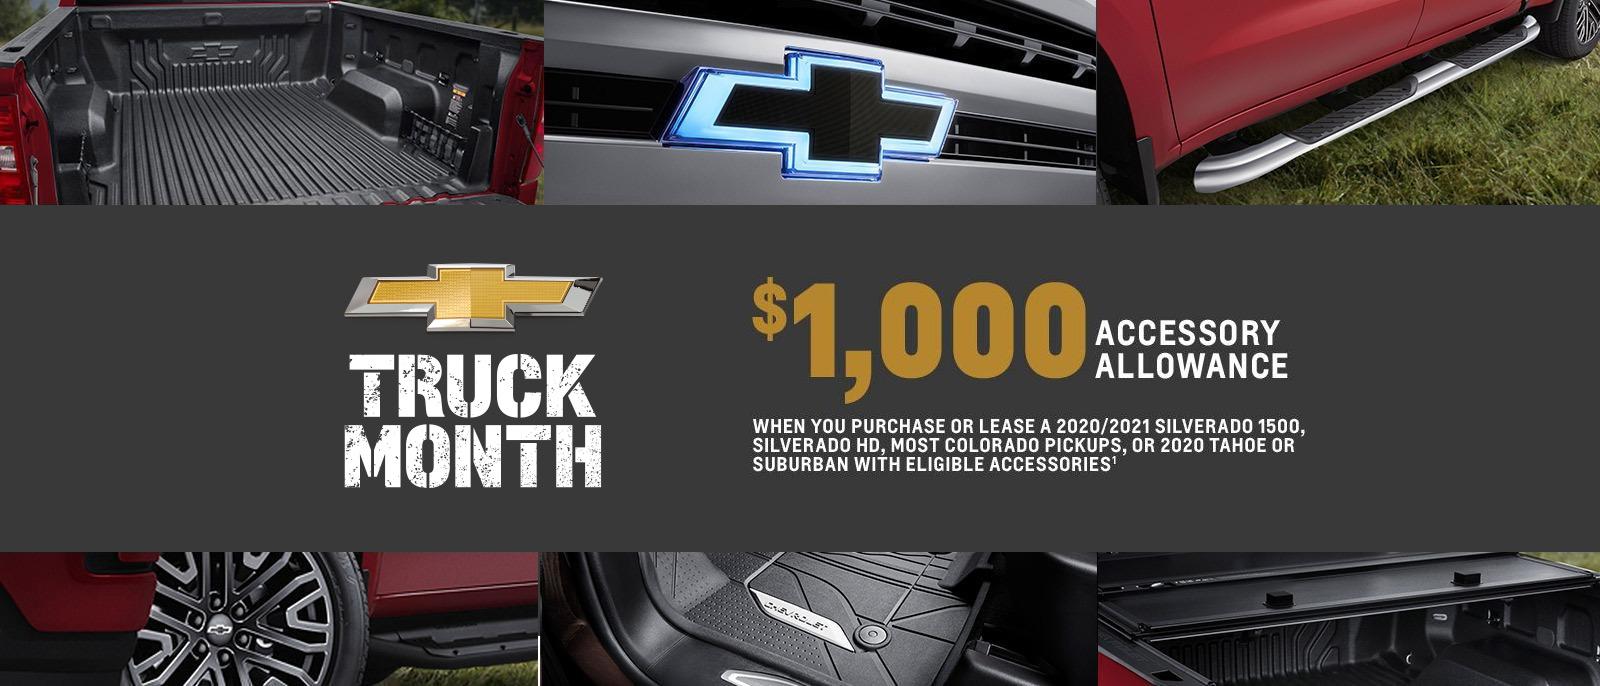 Truck Month - $1000 Accessory Allowance